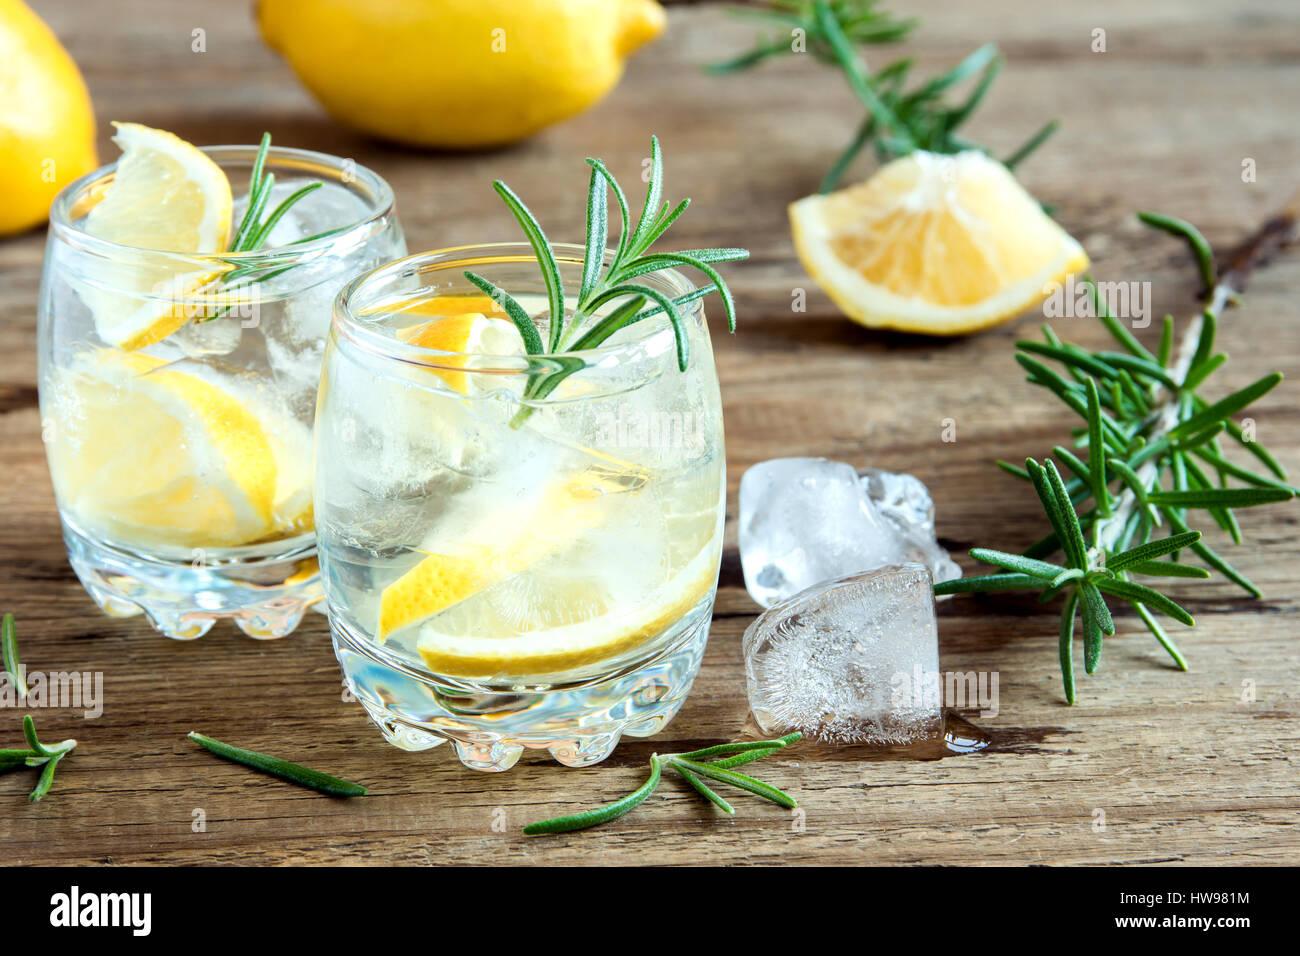 La bevanda alcolica (gin tonic cocktail) con limone e rosmarino e ghiaccio su tavola in legno rustico, spazio di Immagini Stock